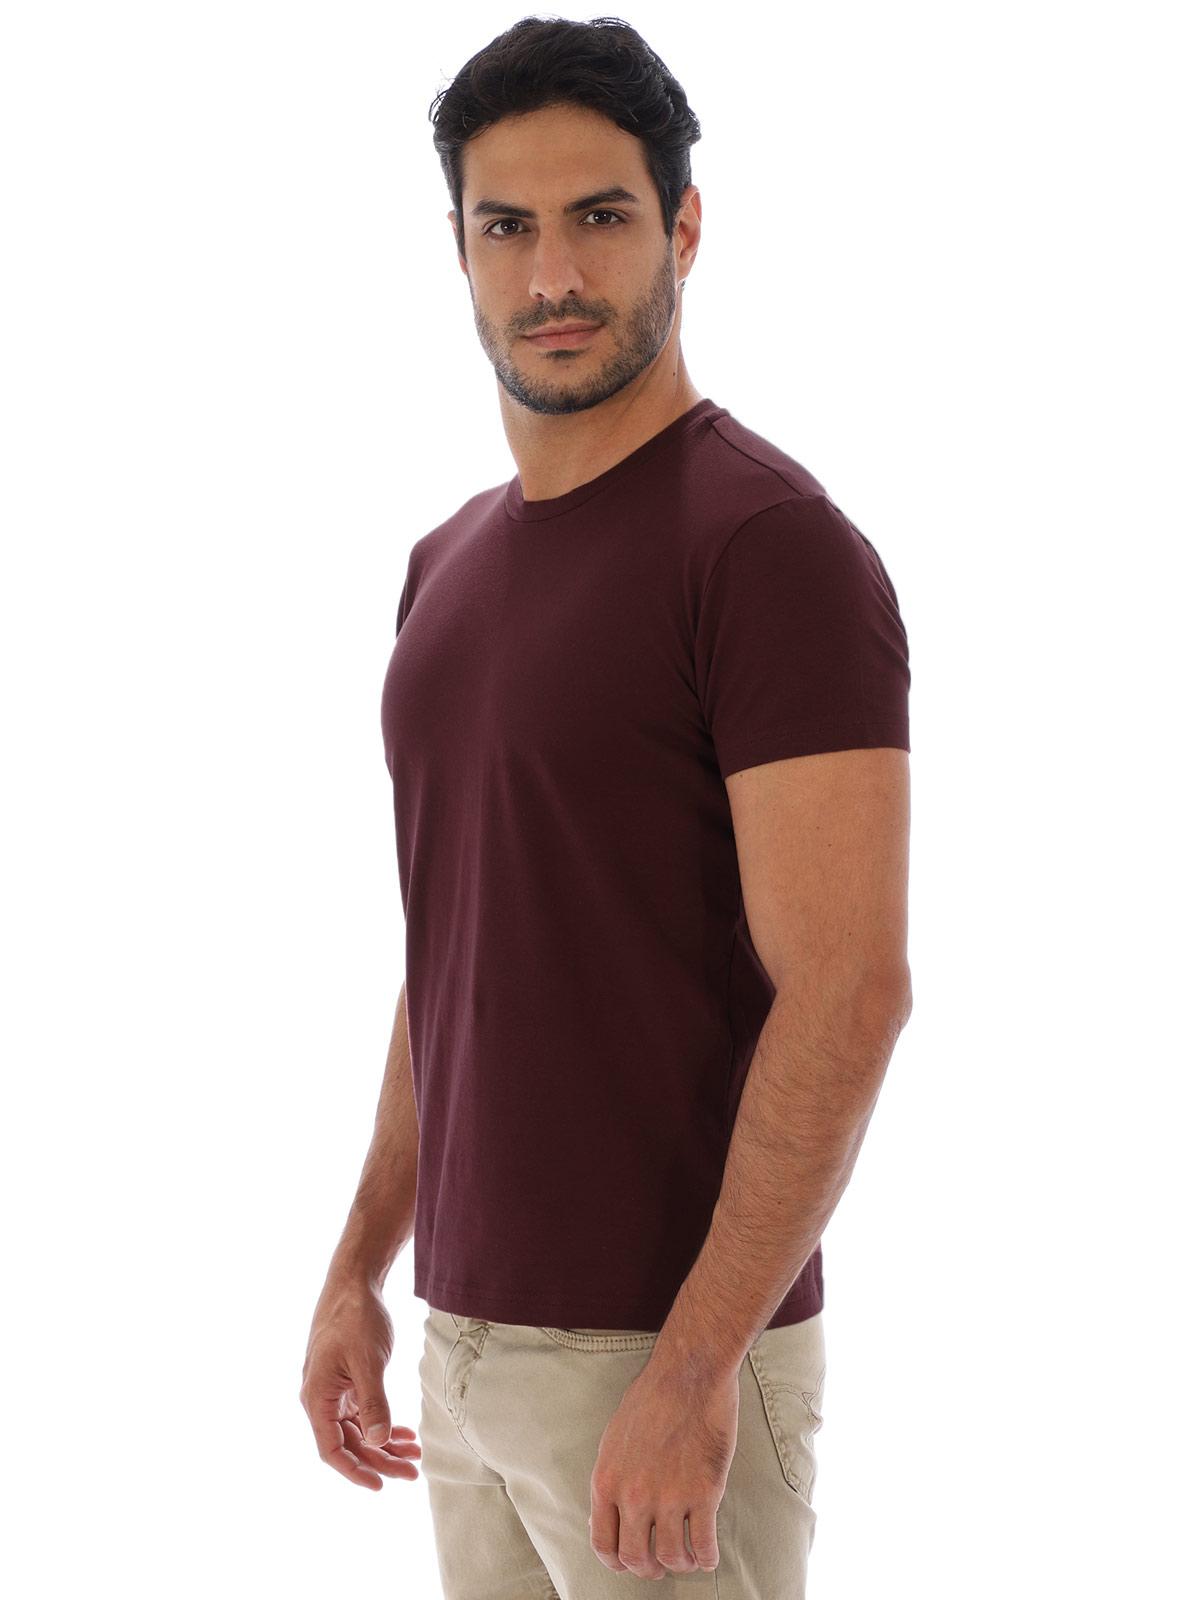 Camiseta Masculina Lisa Algodão Com Elastano Fit Vinho